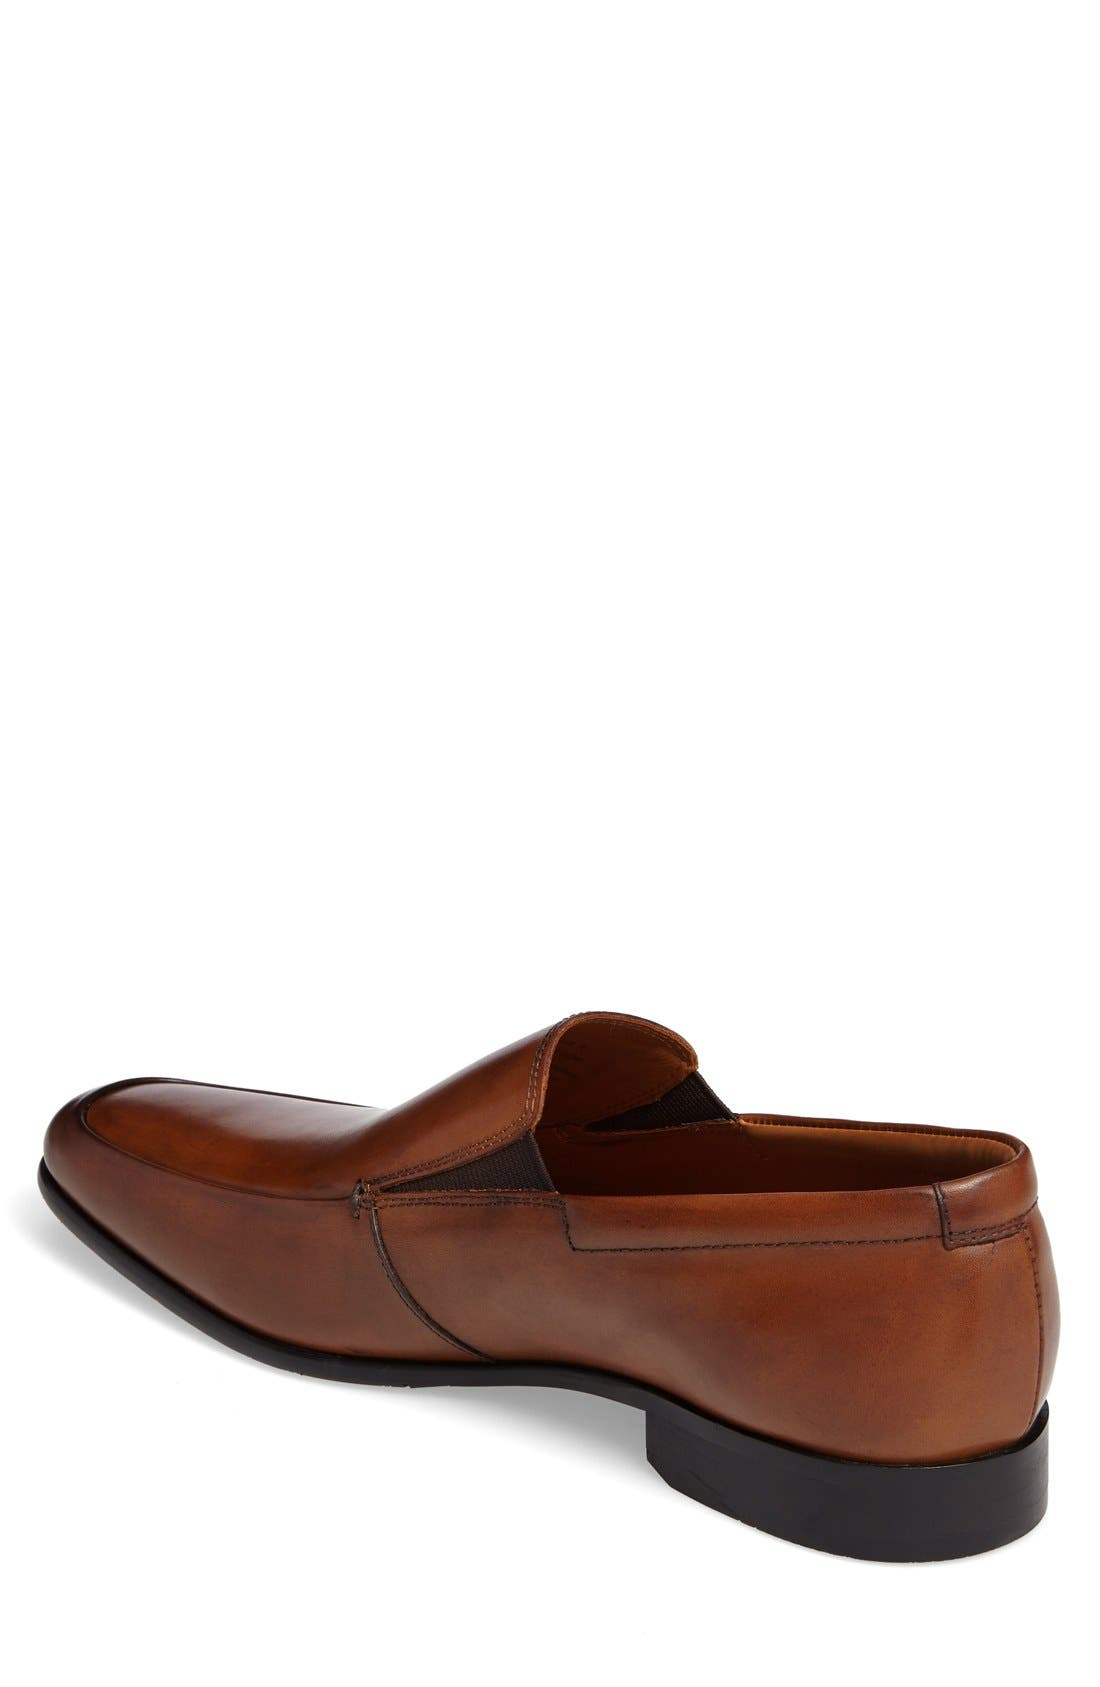 Alternate Image 2  - Gordon Rush 'Elliot' Venetian Loafer